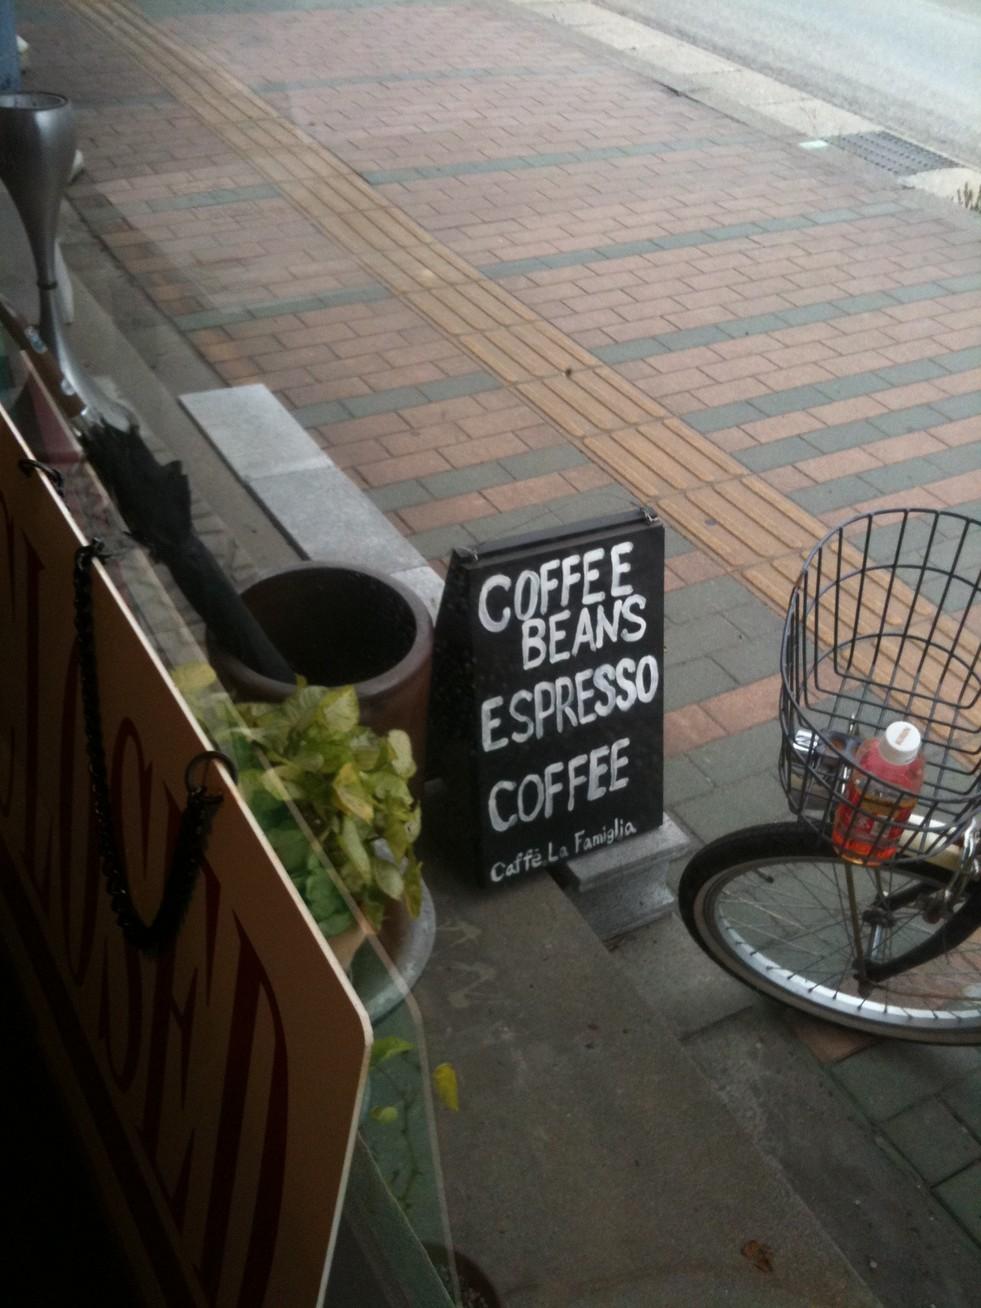 CAFFE LA FAMIGLIA